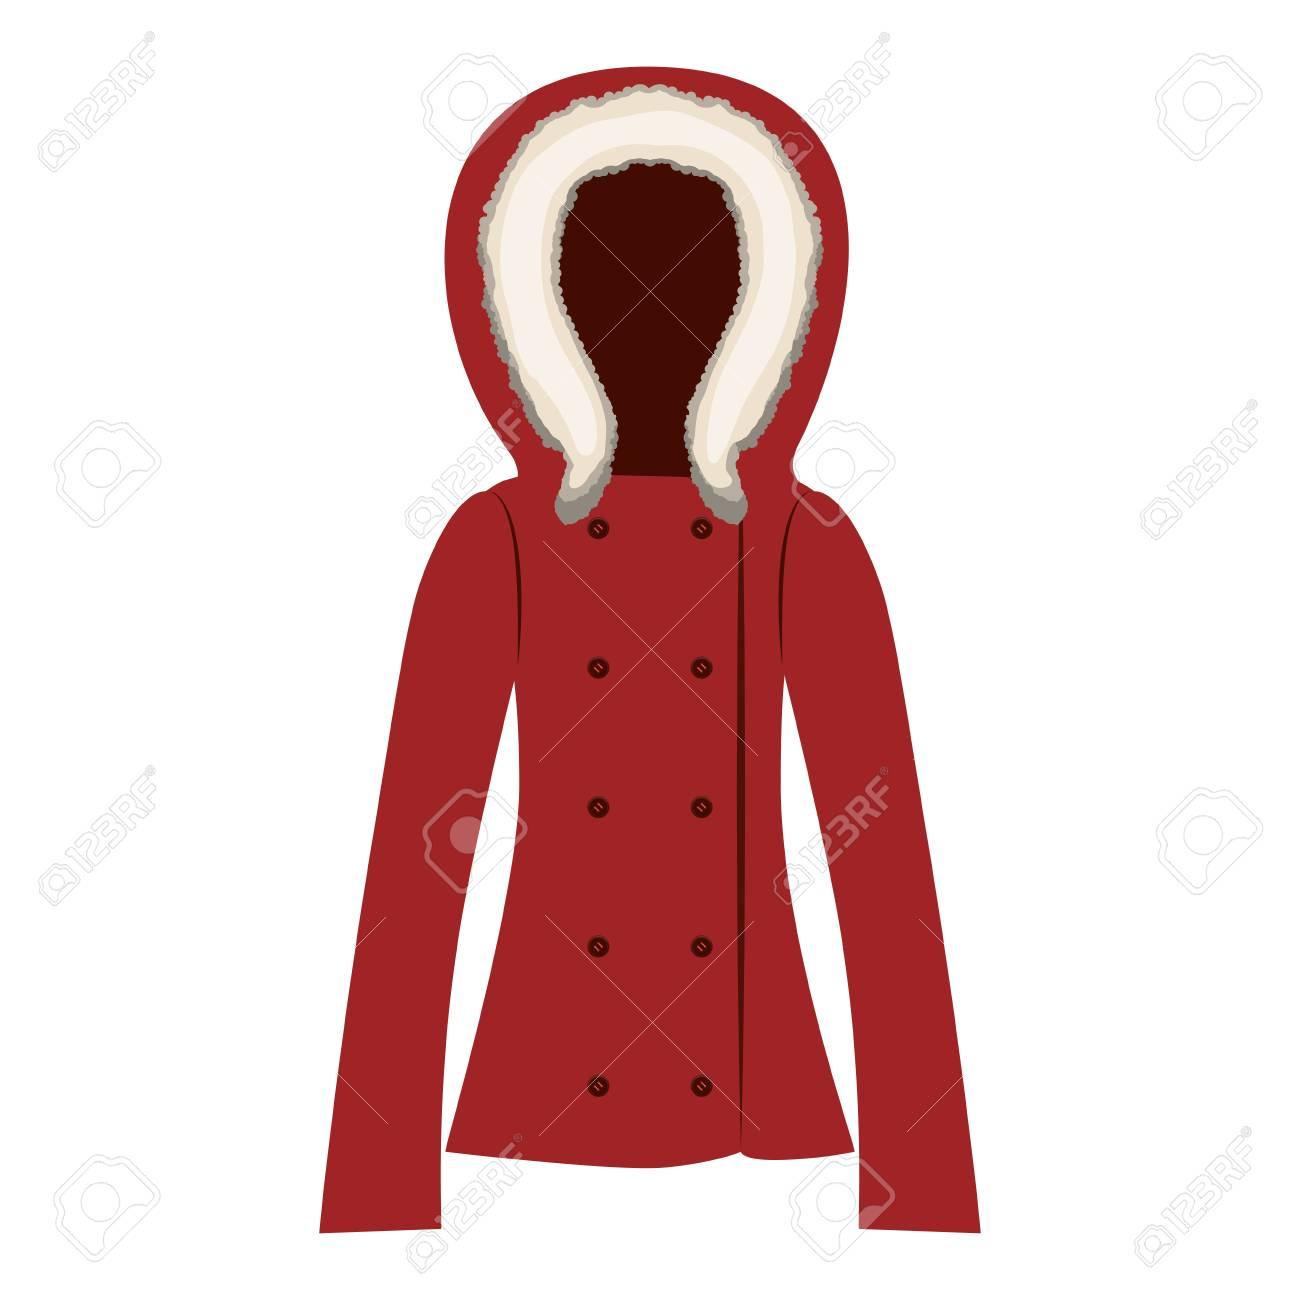 the best attitude 3afe4 6dba8 Icona giacca donna rossa su sfondo bianco. abbigliamento invernale.  illustrazione vettoriale